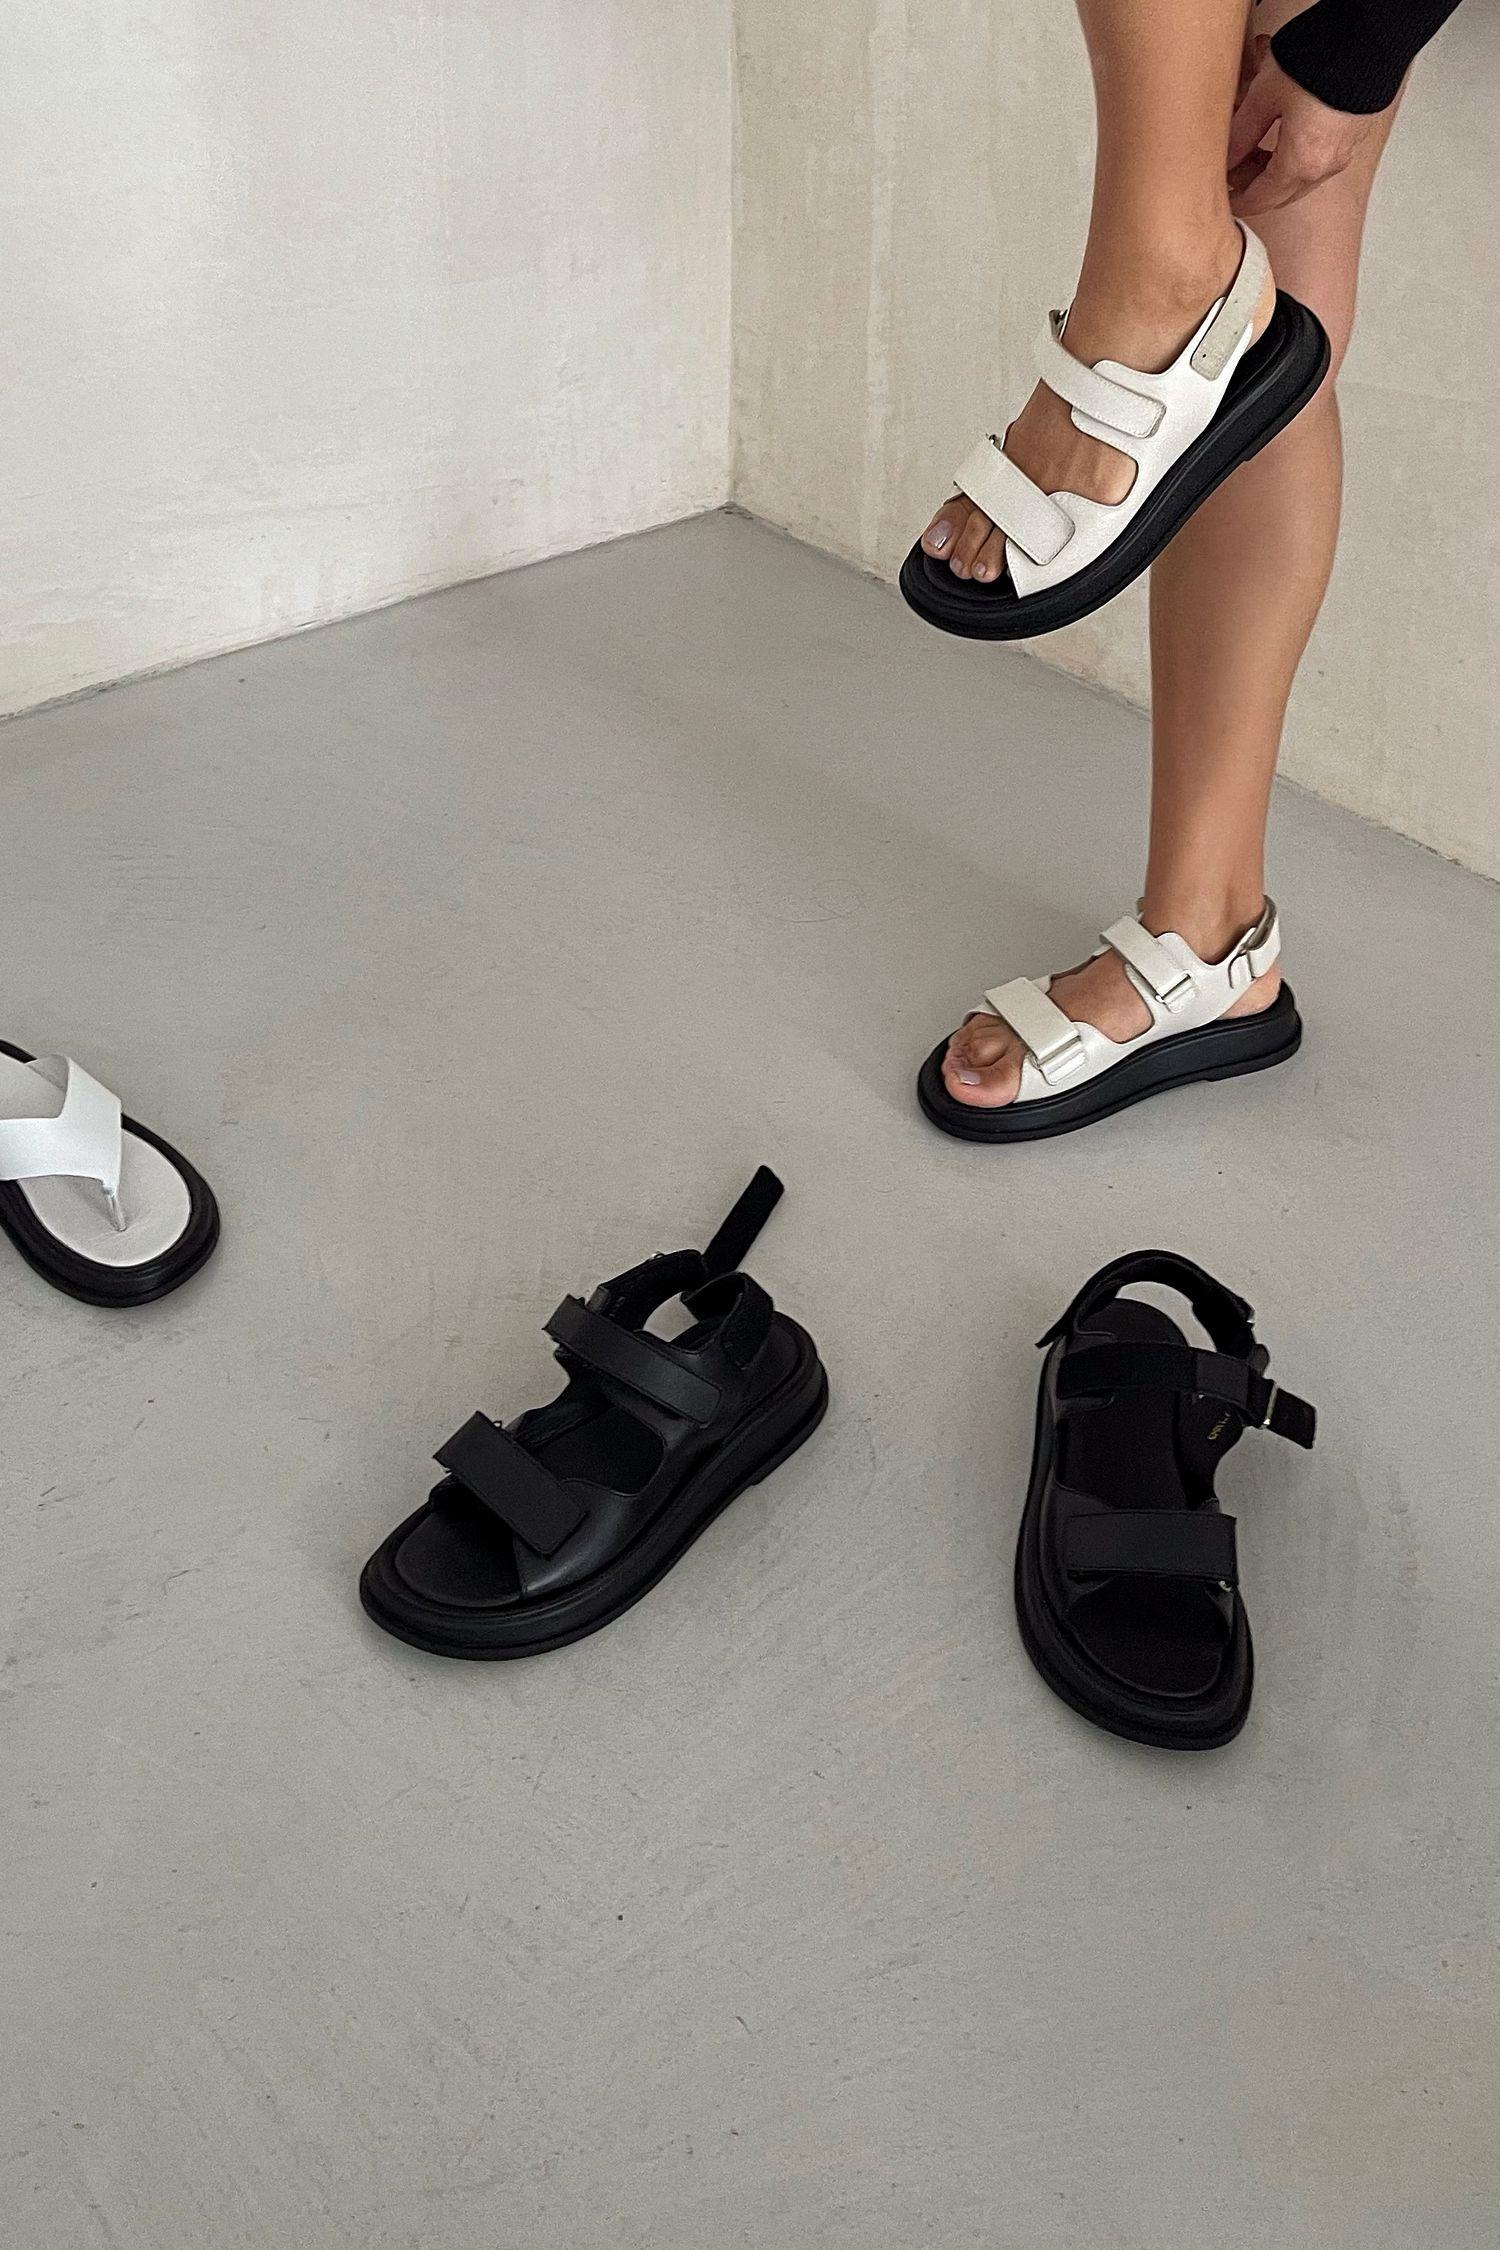 Кожаные сандалии с пряжками черные - THE LACE